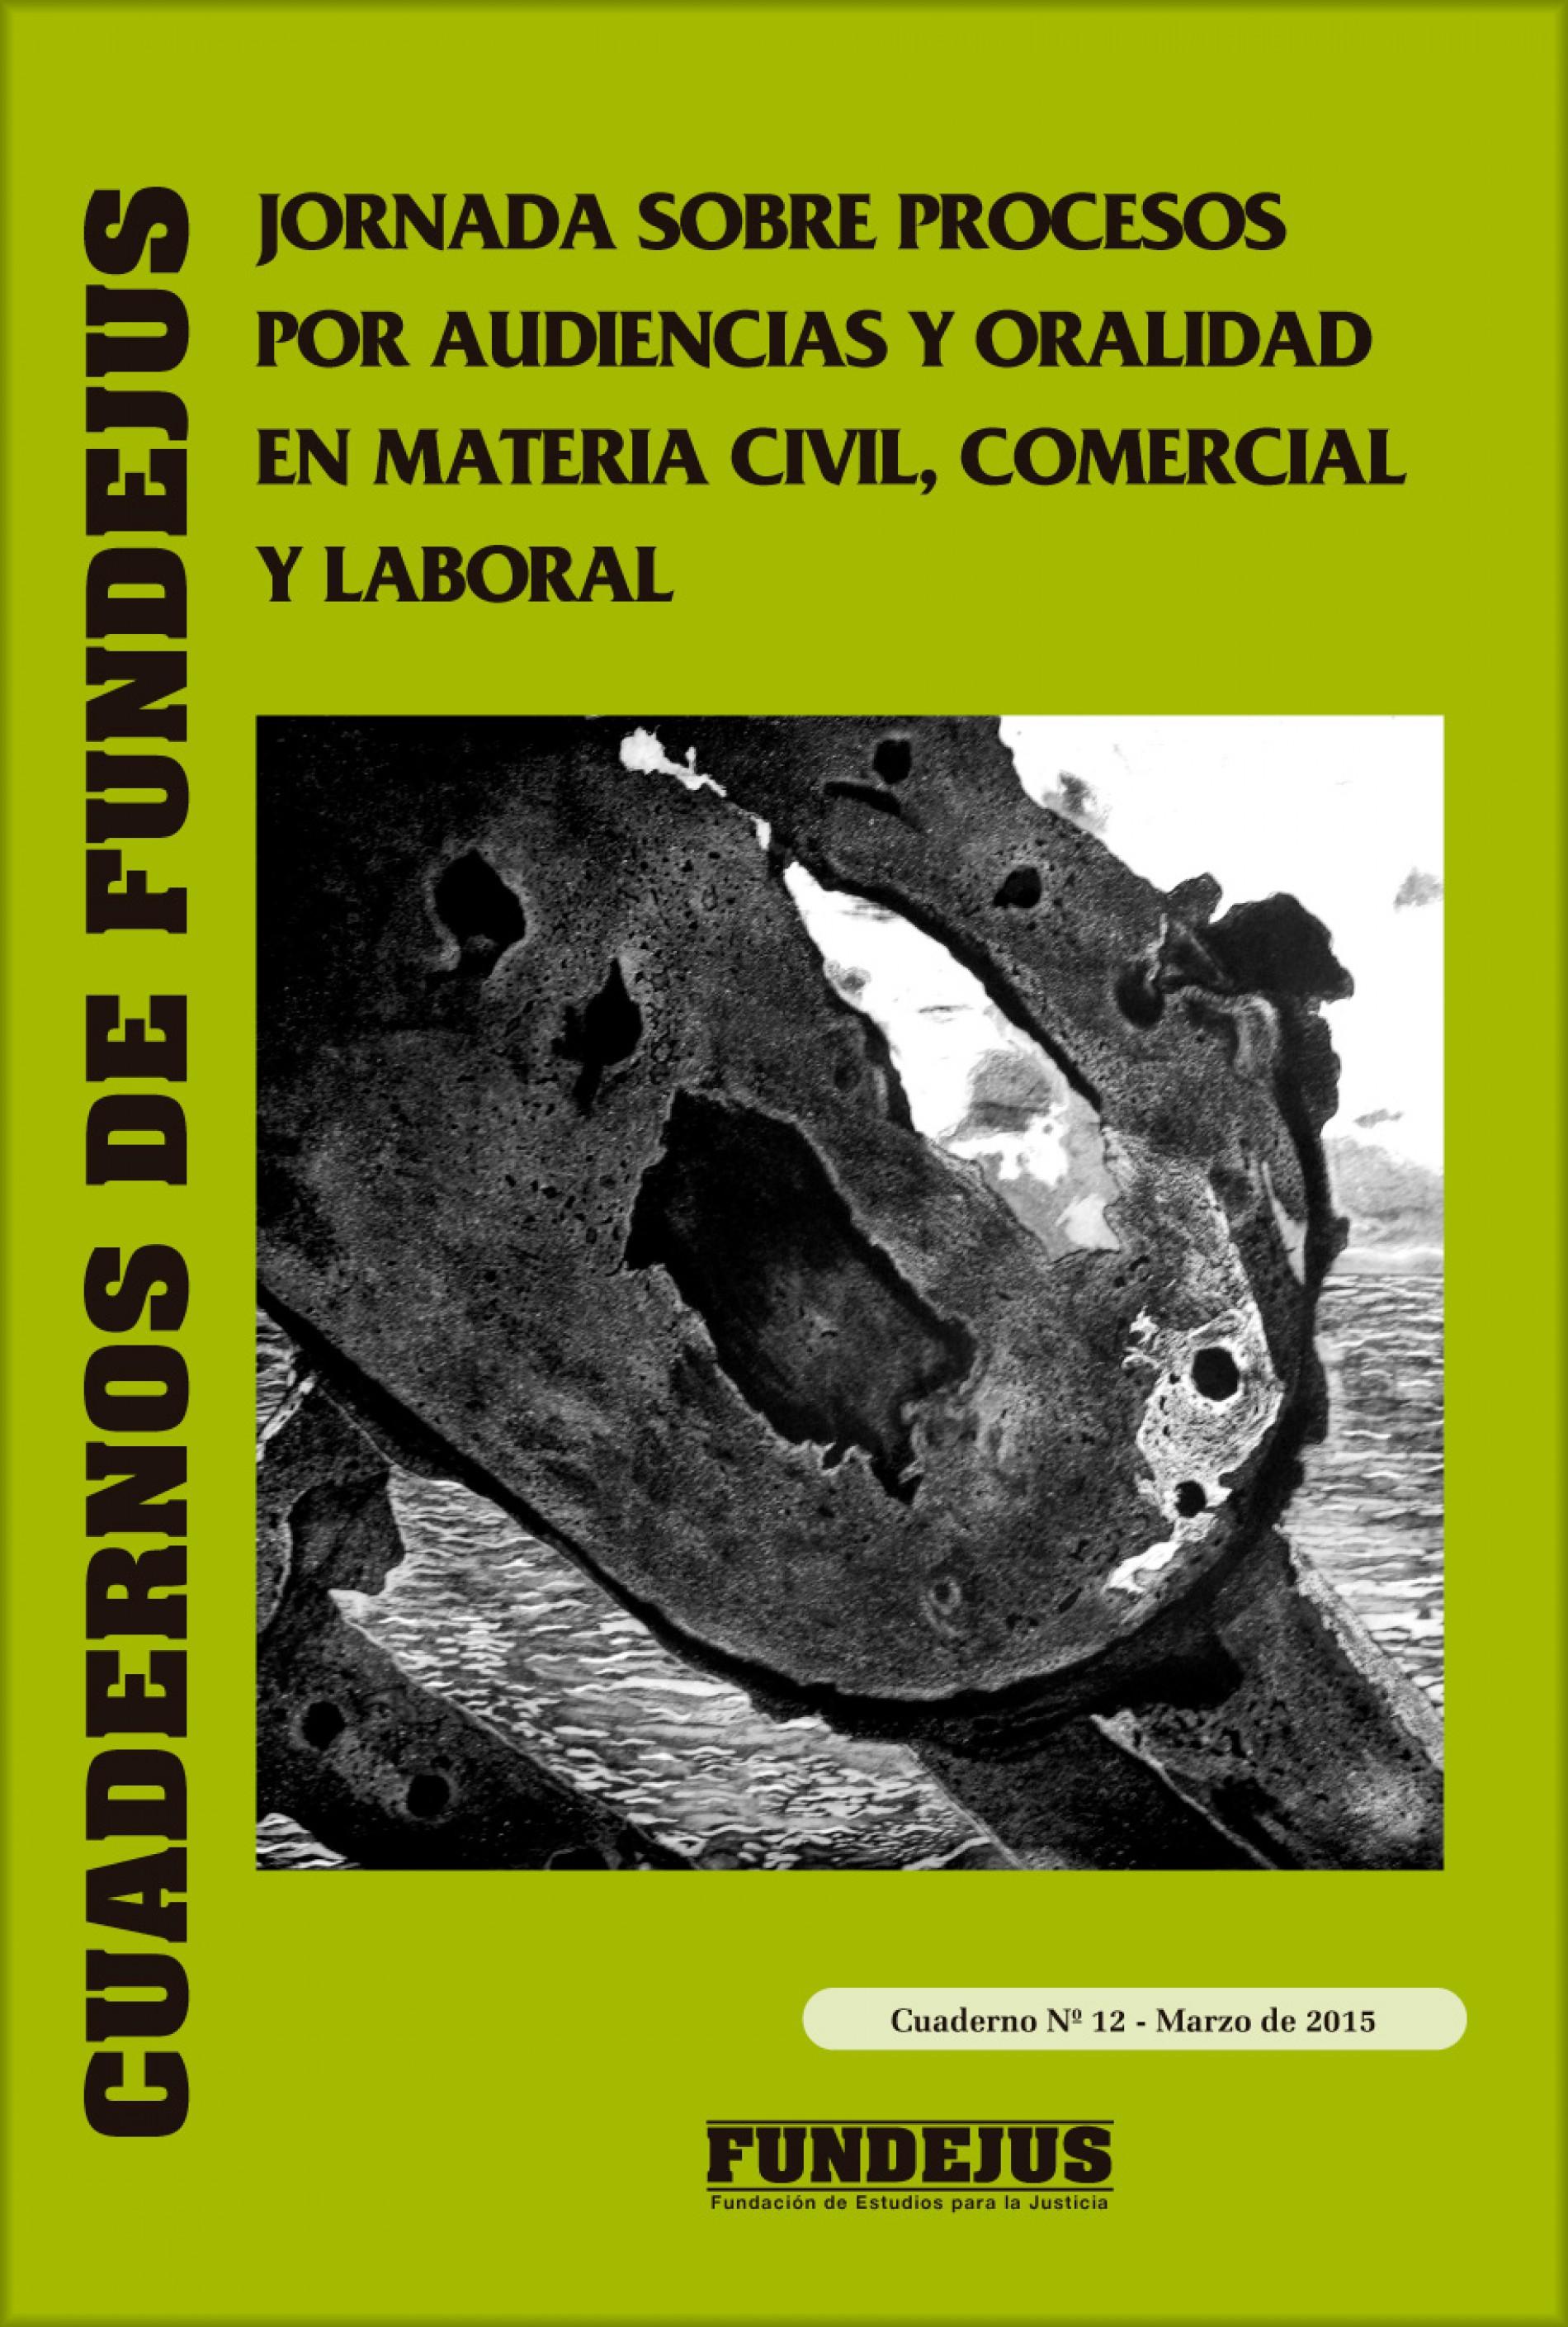 """CUADERNO 12: """"Jornada sobre procesos por audiencias y oralidad en materia civil, comercial y laboral"""""""